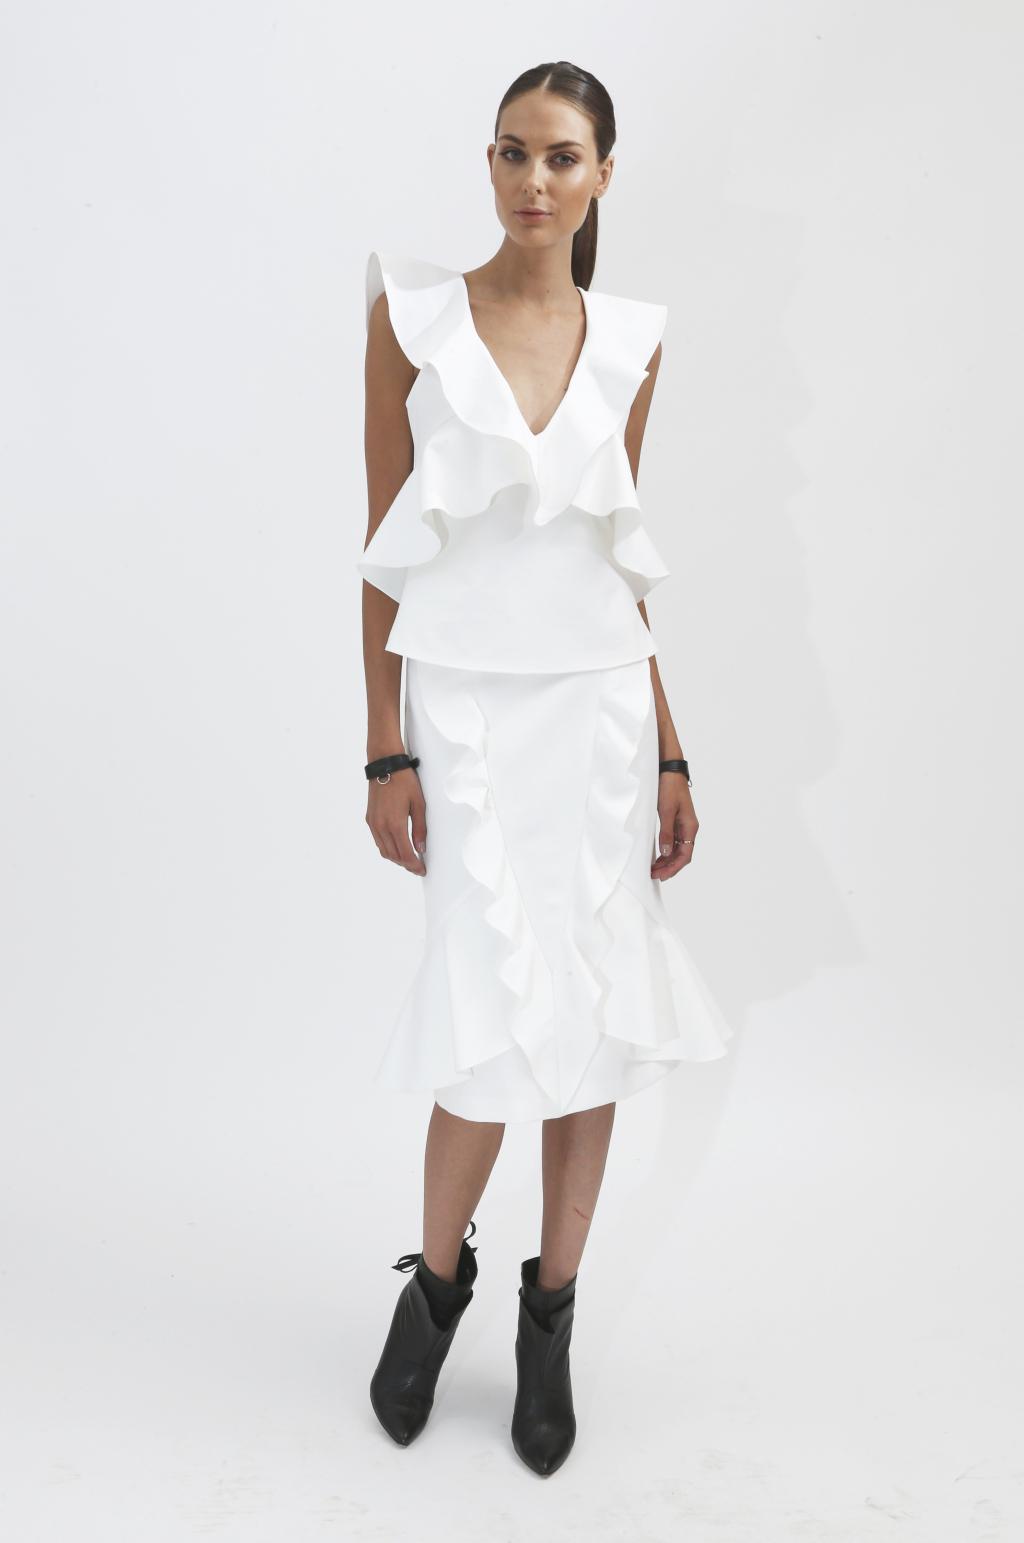 Воланы на белой кофте и юбке – модные тенденции этого сезона фото из коллекции Marissa-Webb.